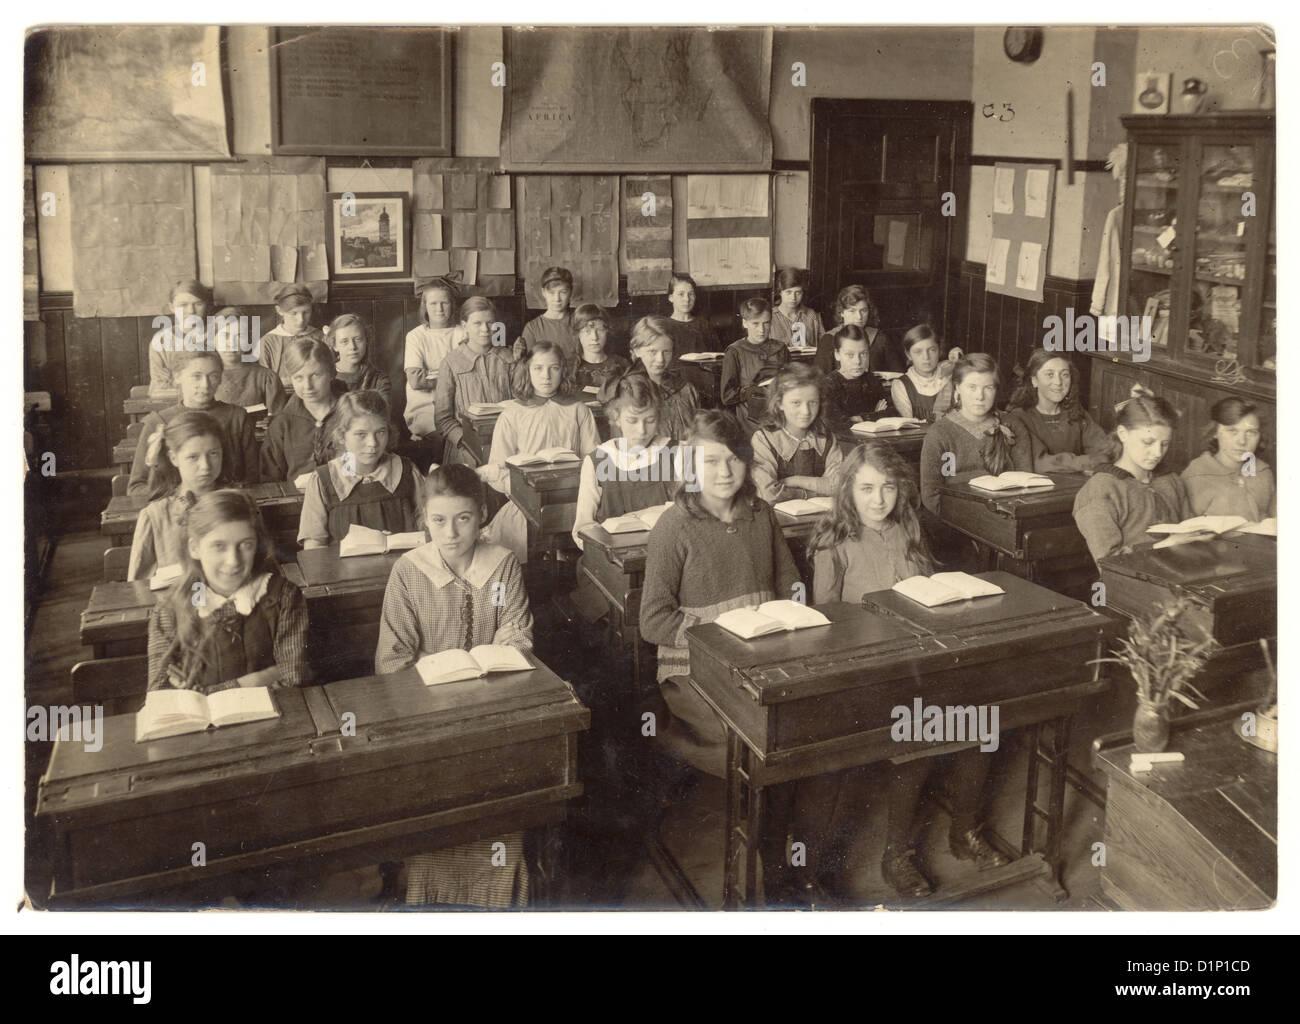 Scuola di fotografia junior ragazze seduti alla scrivania con libri aperti in Aula - 1930, U.K. Immagini Stock